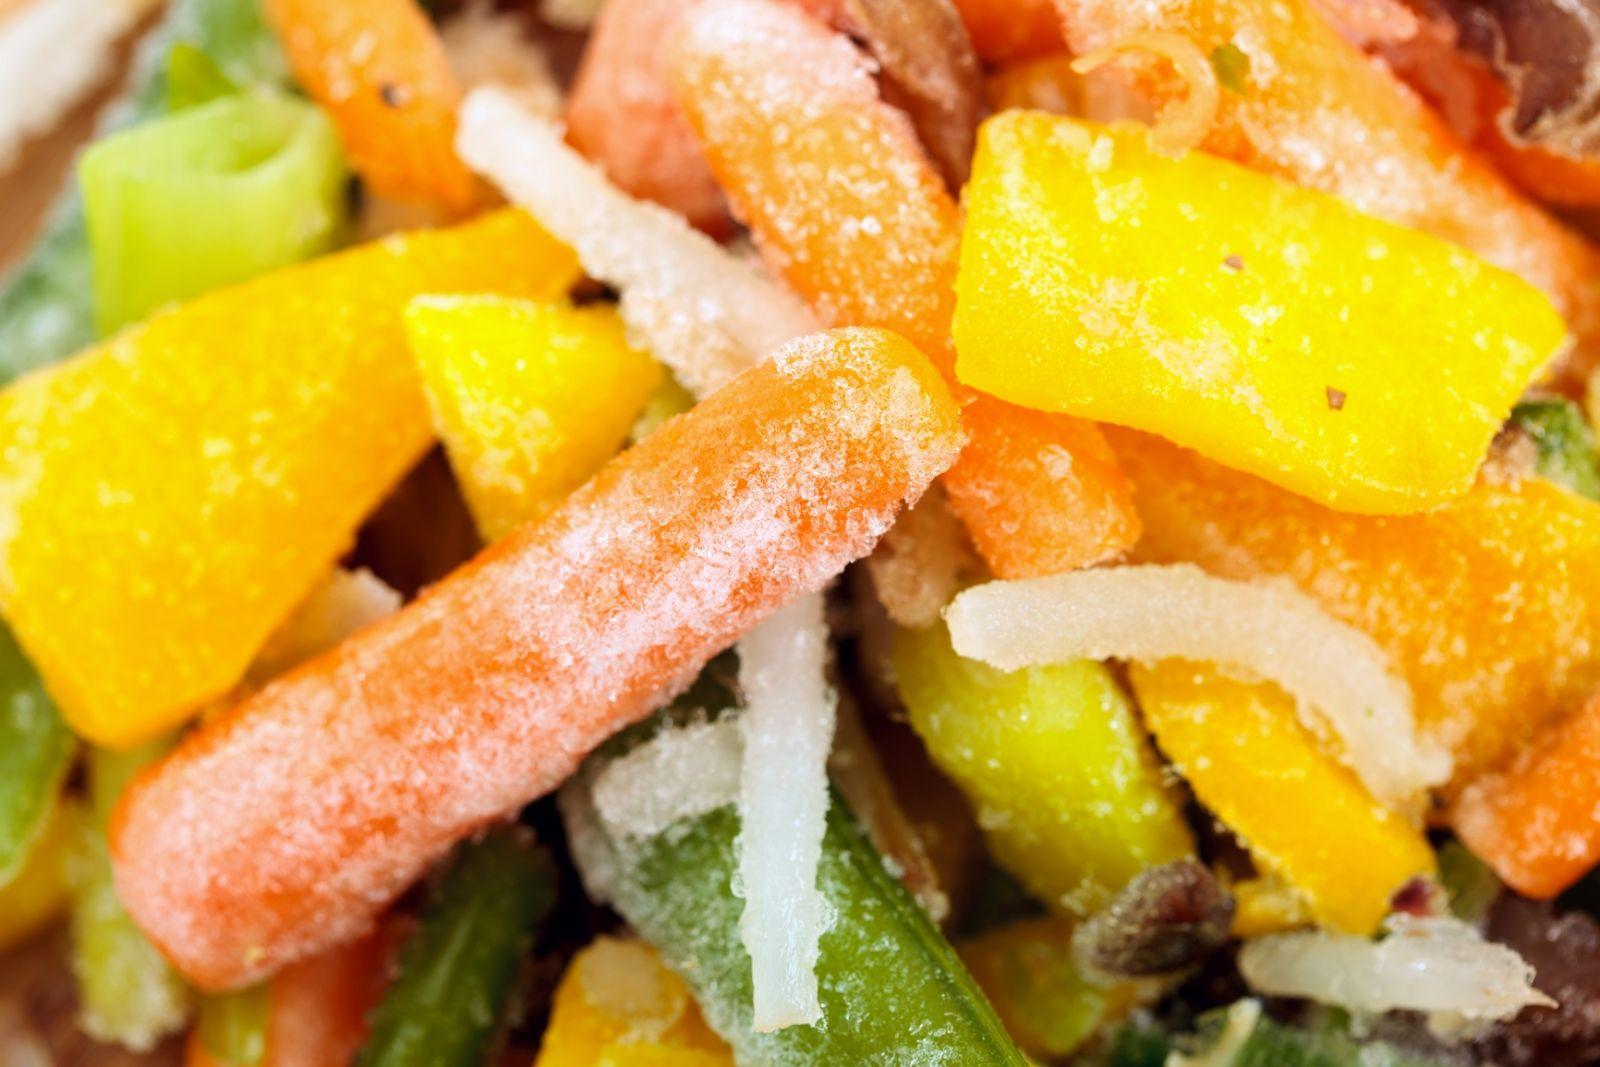 Как правильно замораживать овощи и фрукты? - фото №2